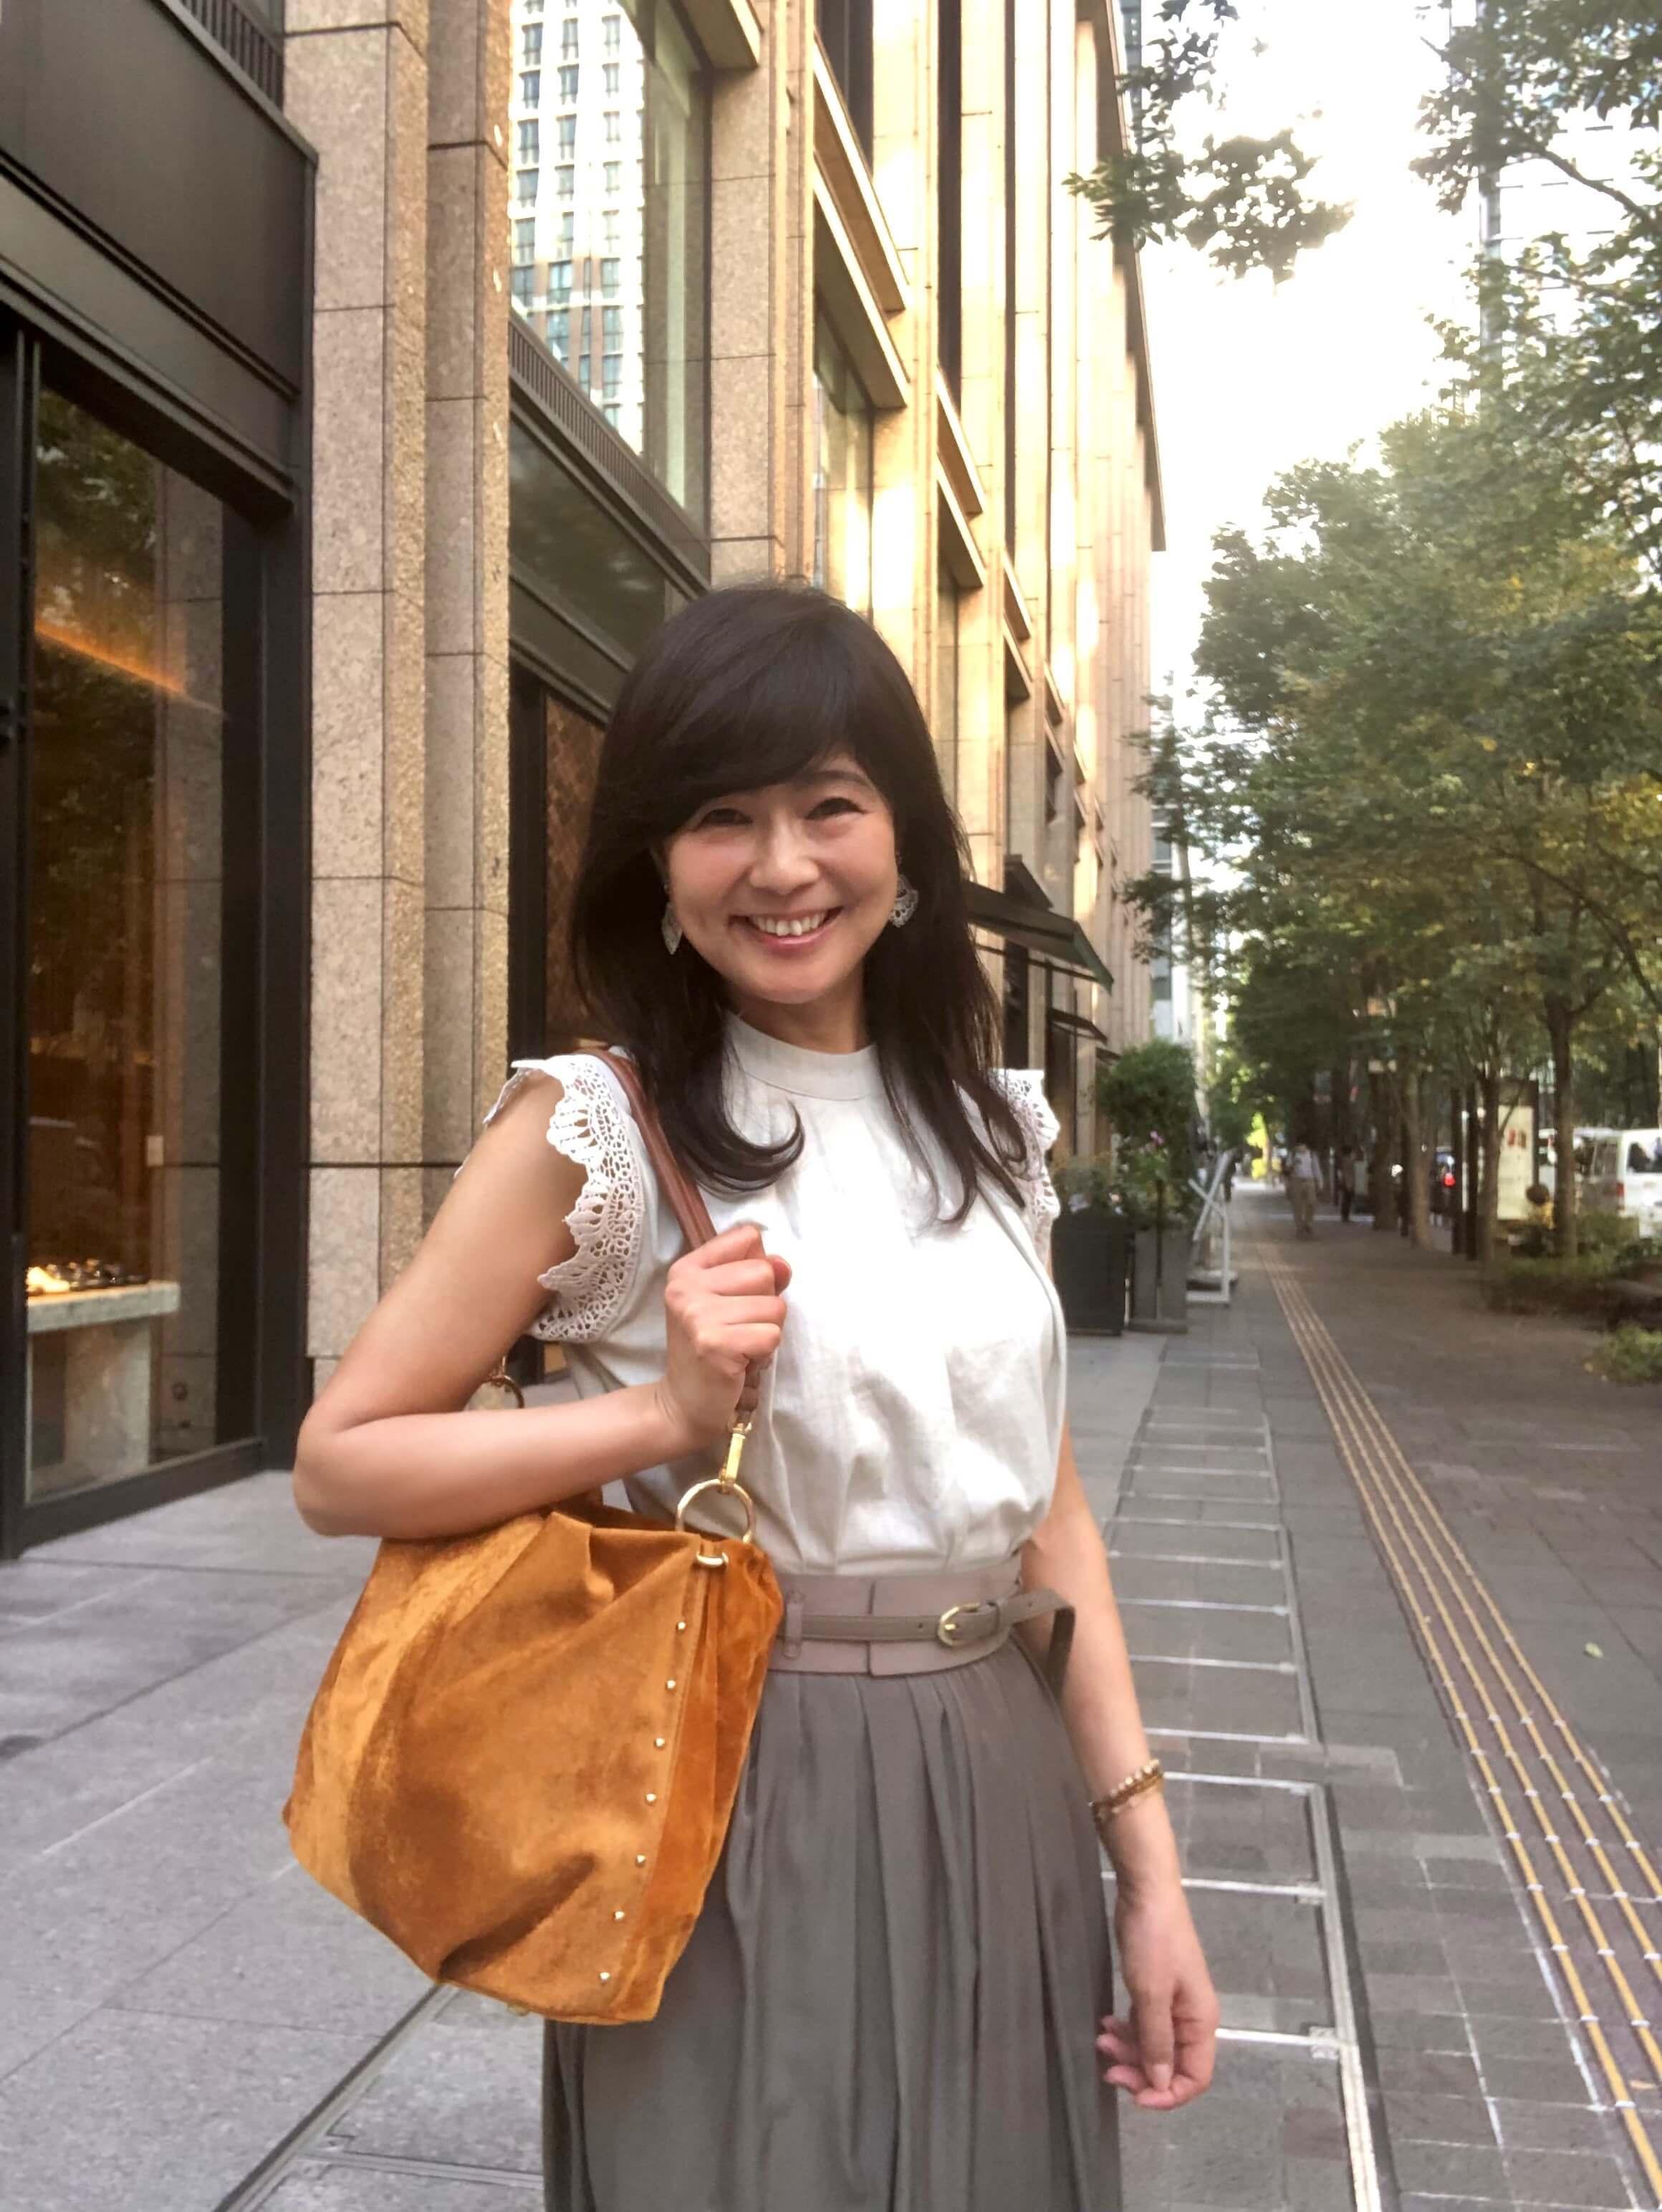 まだ暑いときの秋コーデ。ノースリーブの生成り色トップス、カーキ色のロングスカートに太ベルト。スエード調のキャメル色のバッグ。。